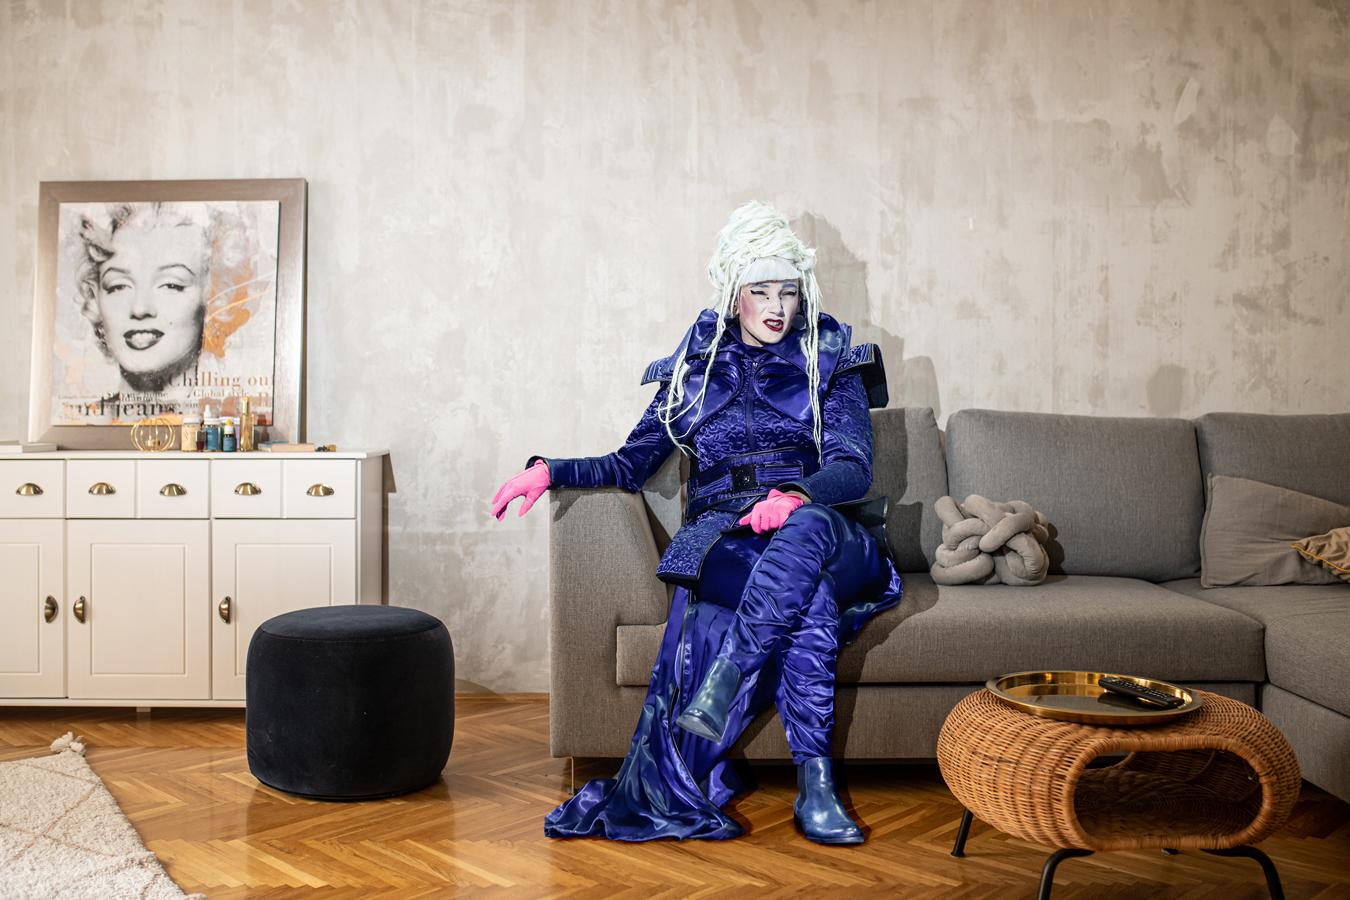 2. kép: BORBÉLY ALEXANDRA Rendőrhadnagy — Tartuffe Fotó: Neményi Márton Előadáskép: Horváth Judit